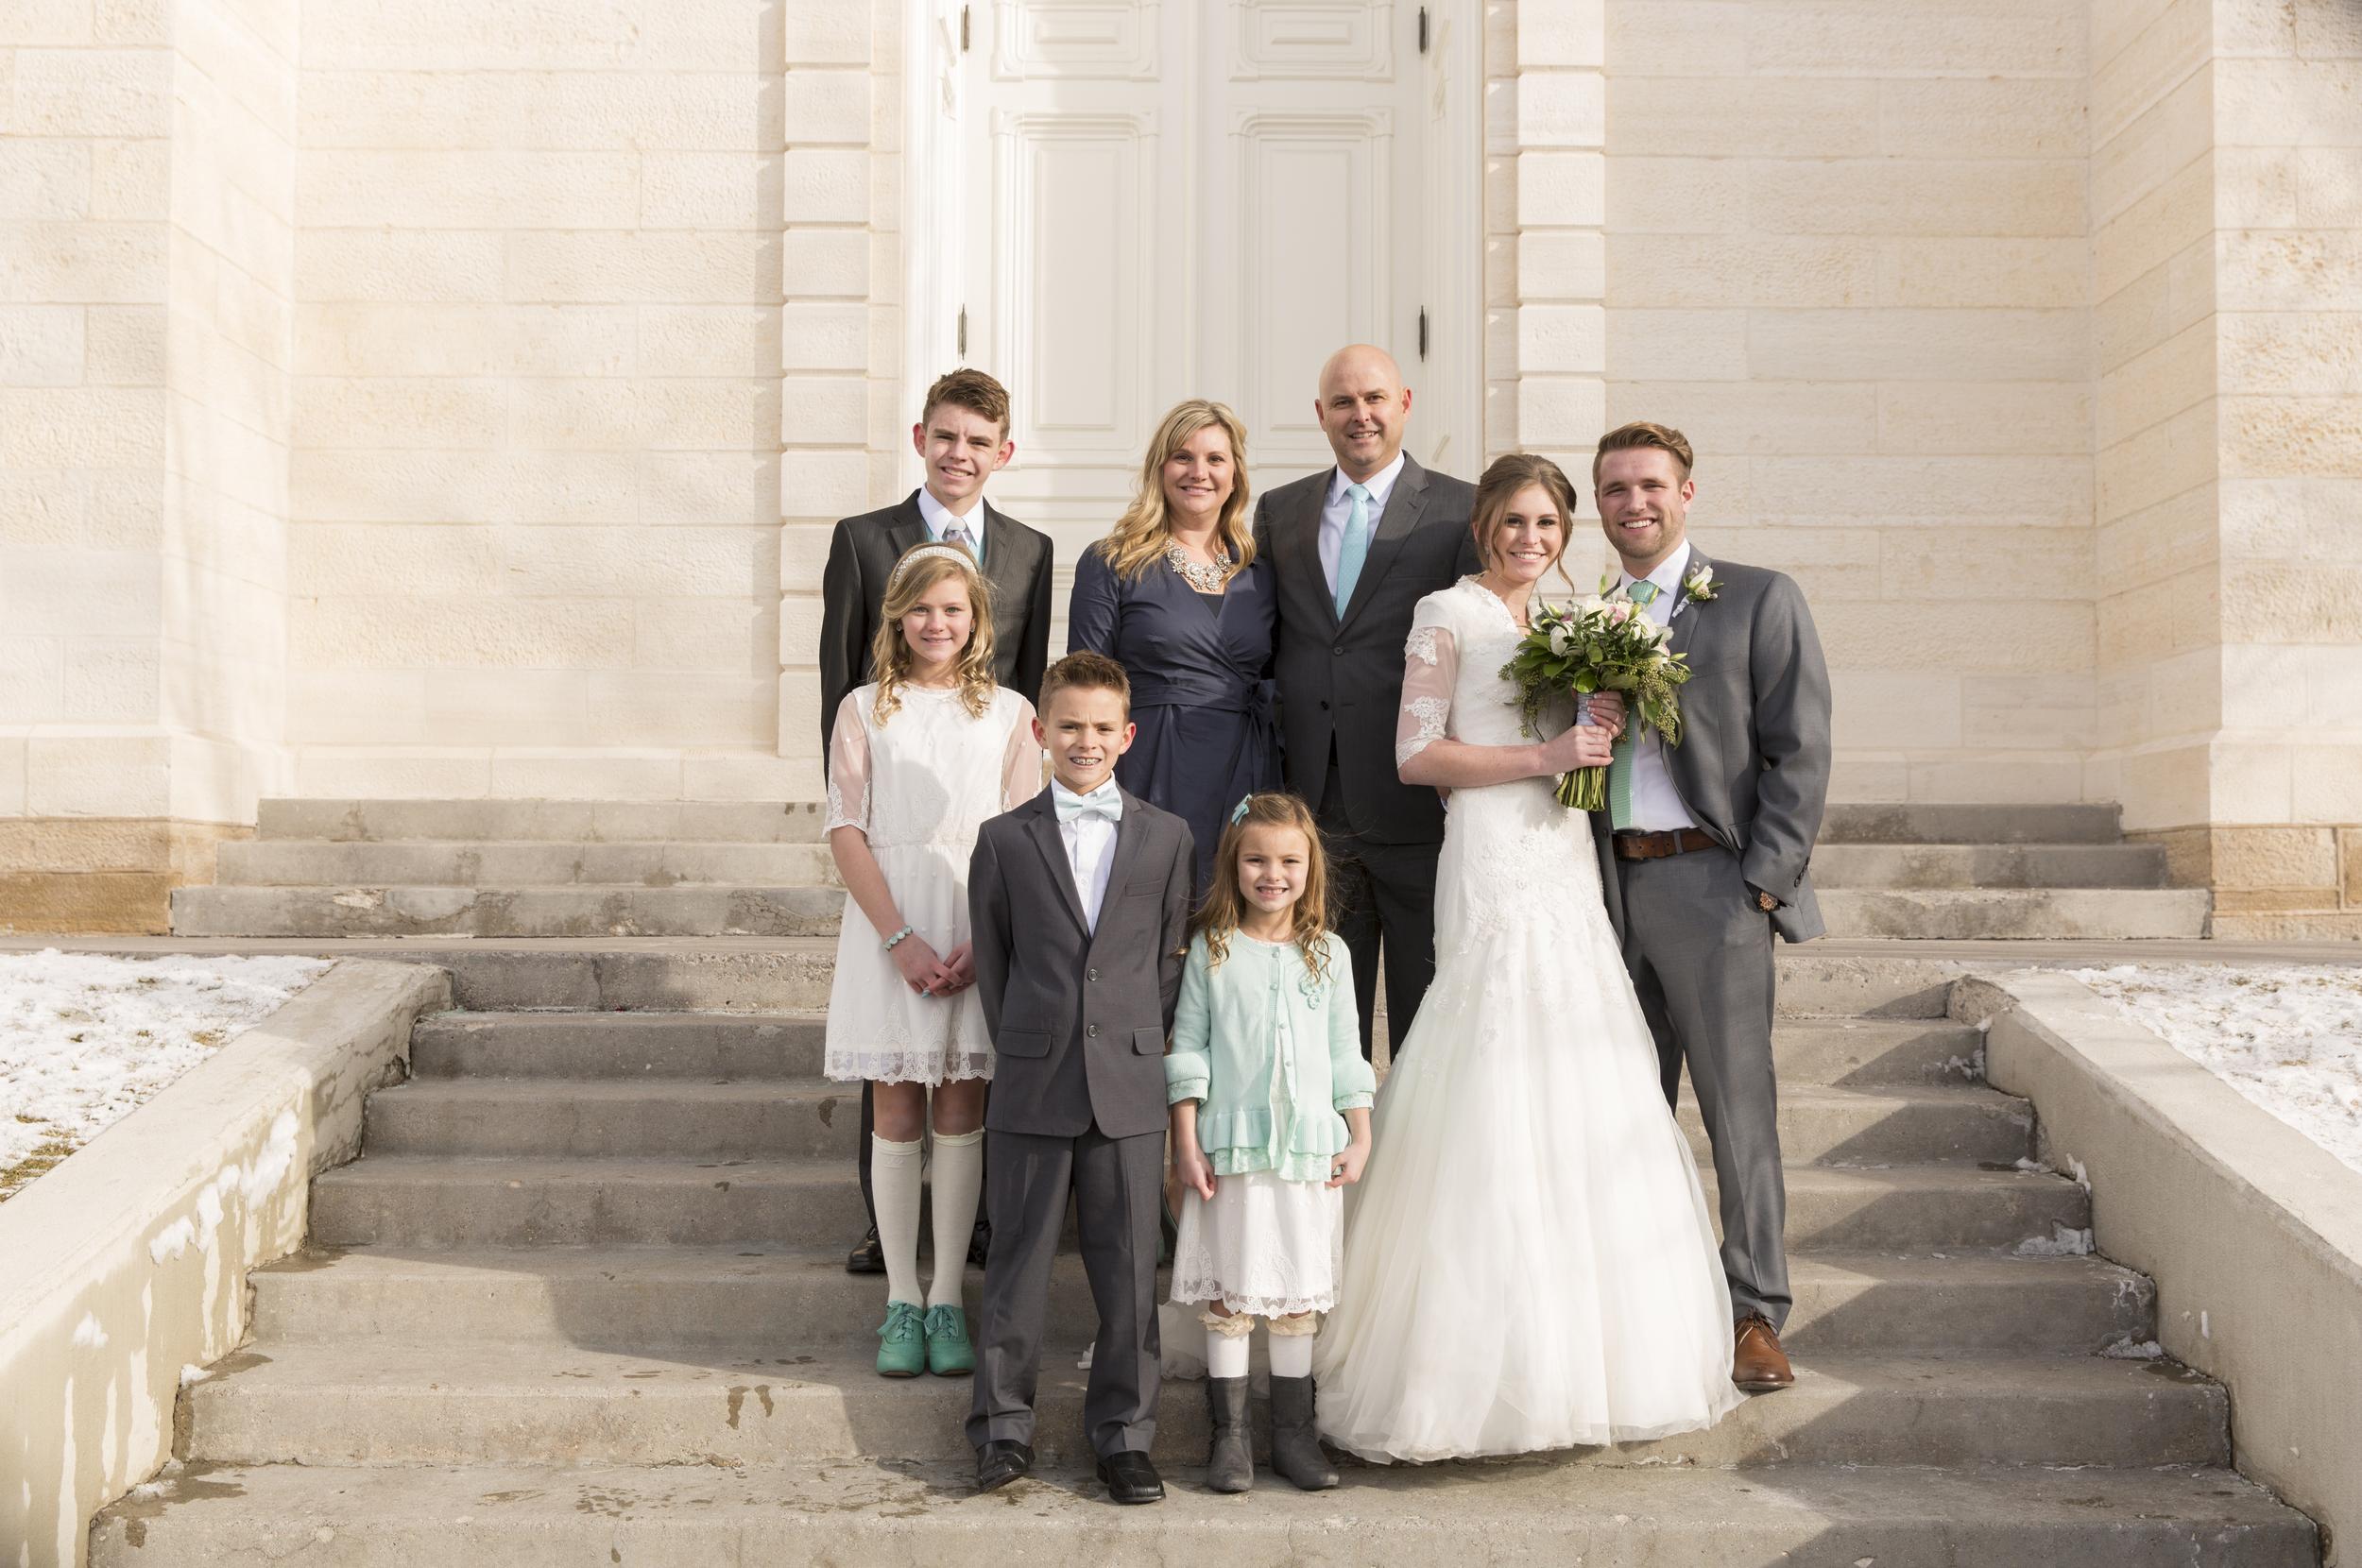 The Mortensen Family